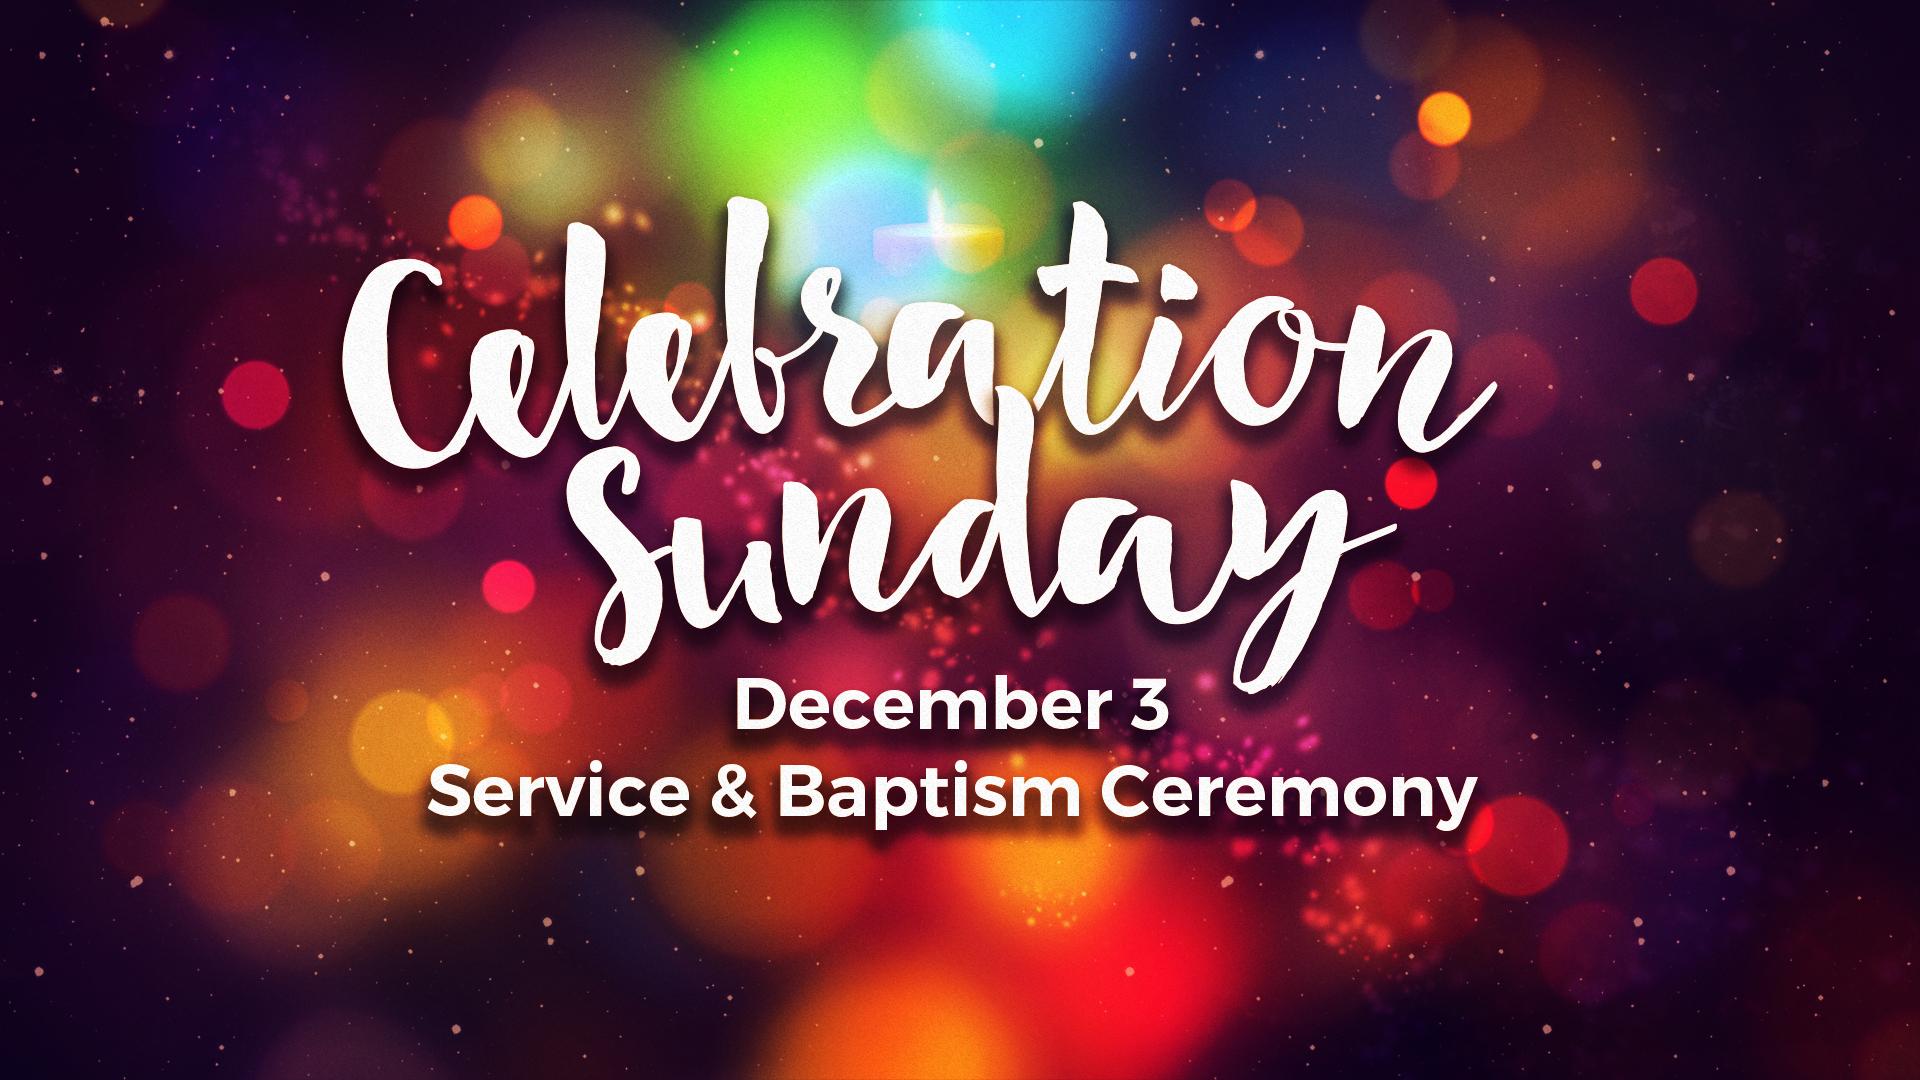 Celebration Sunday, December 3rd